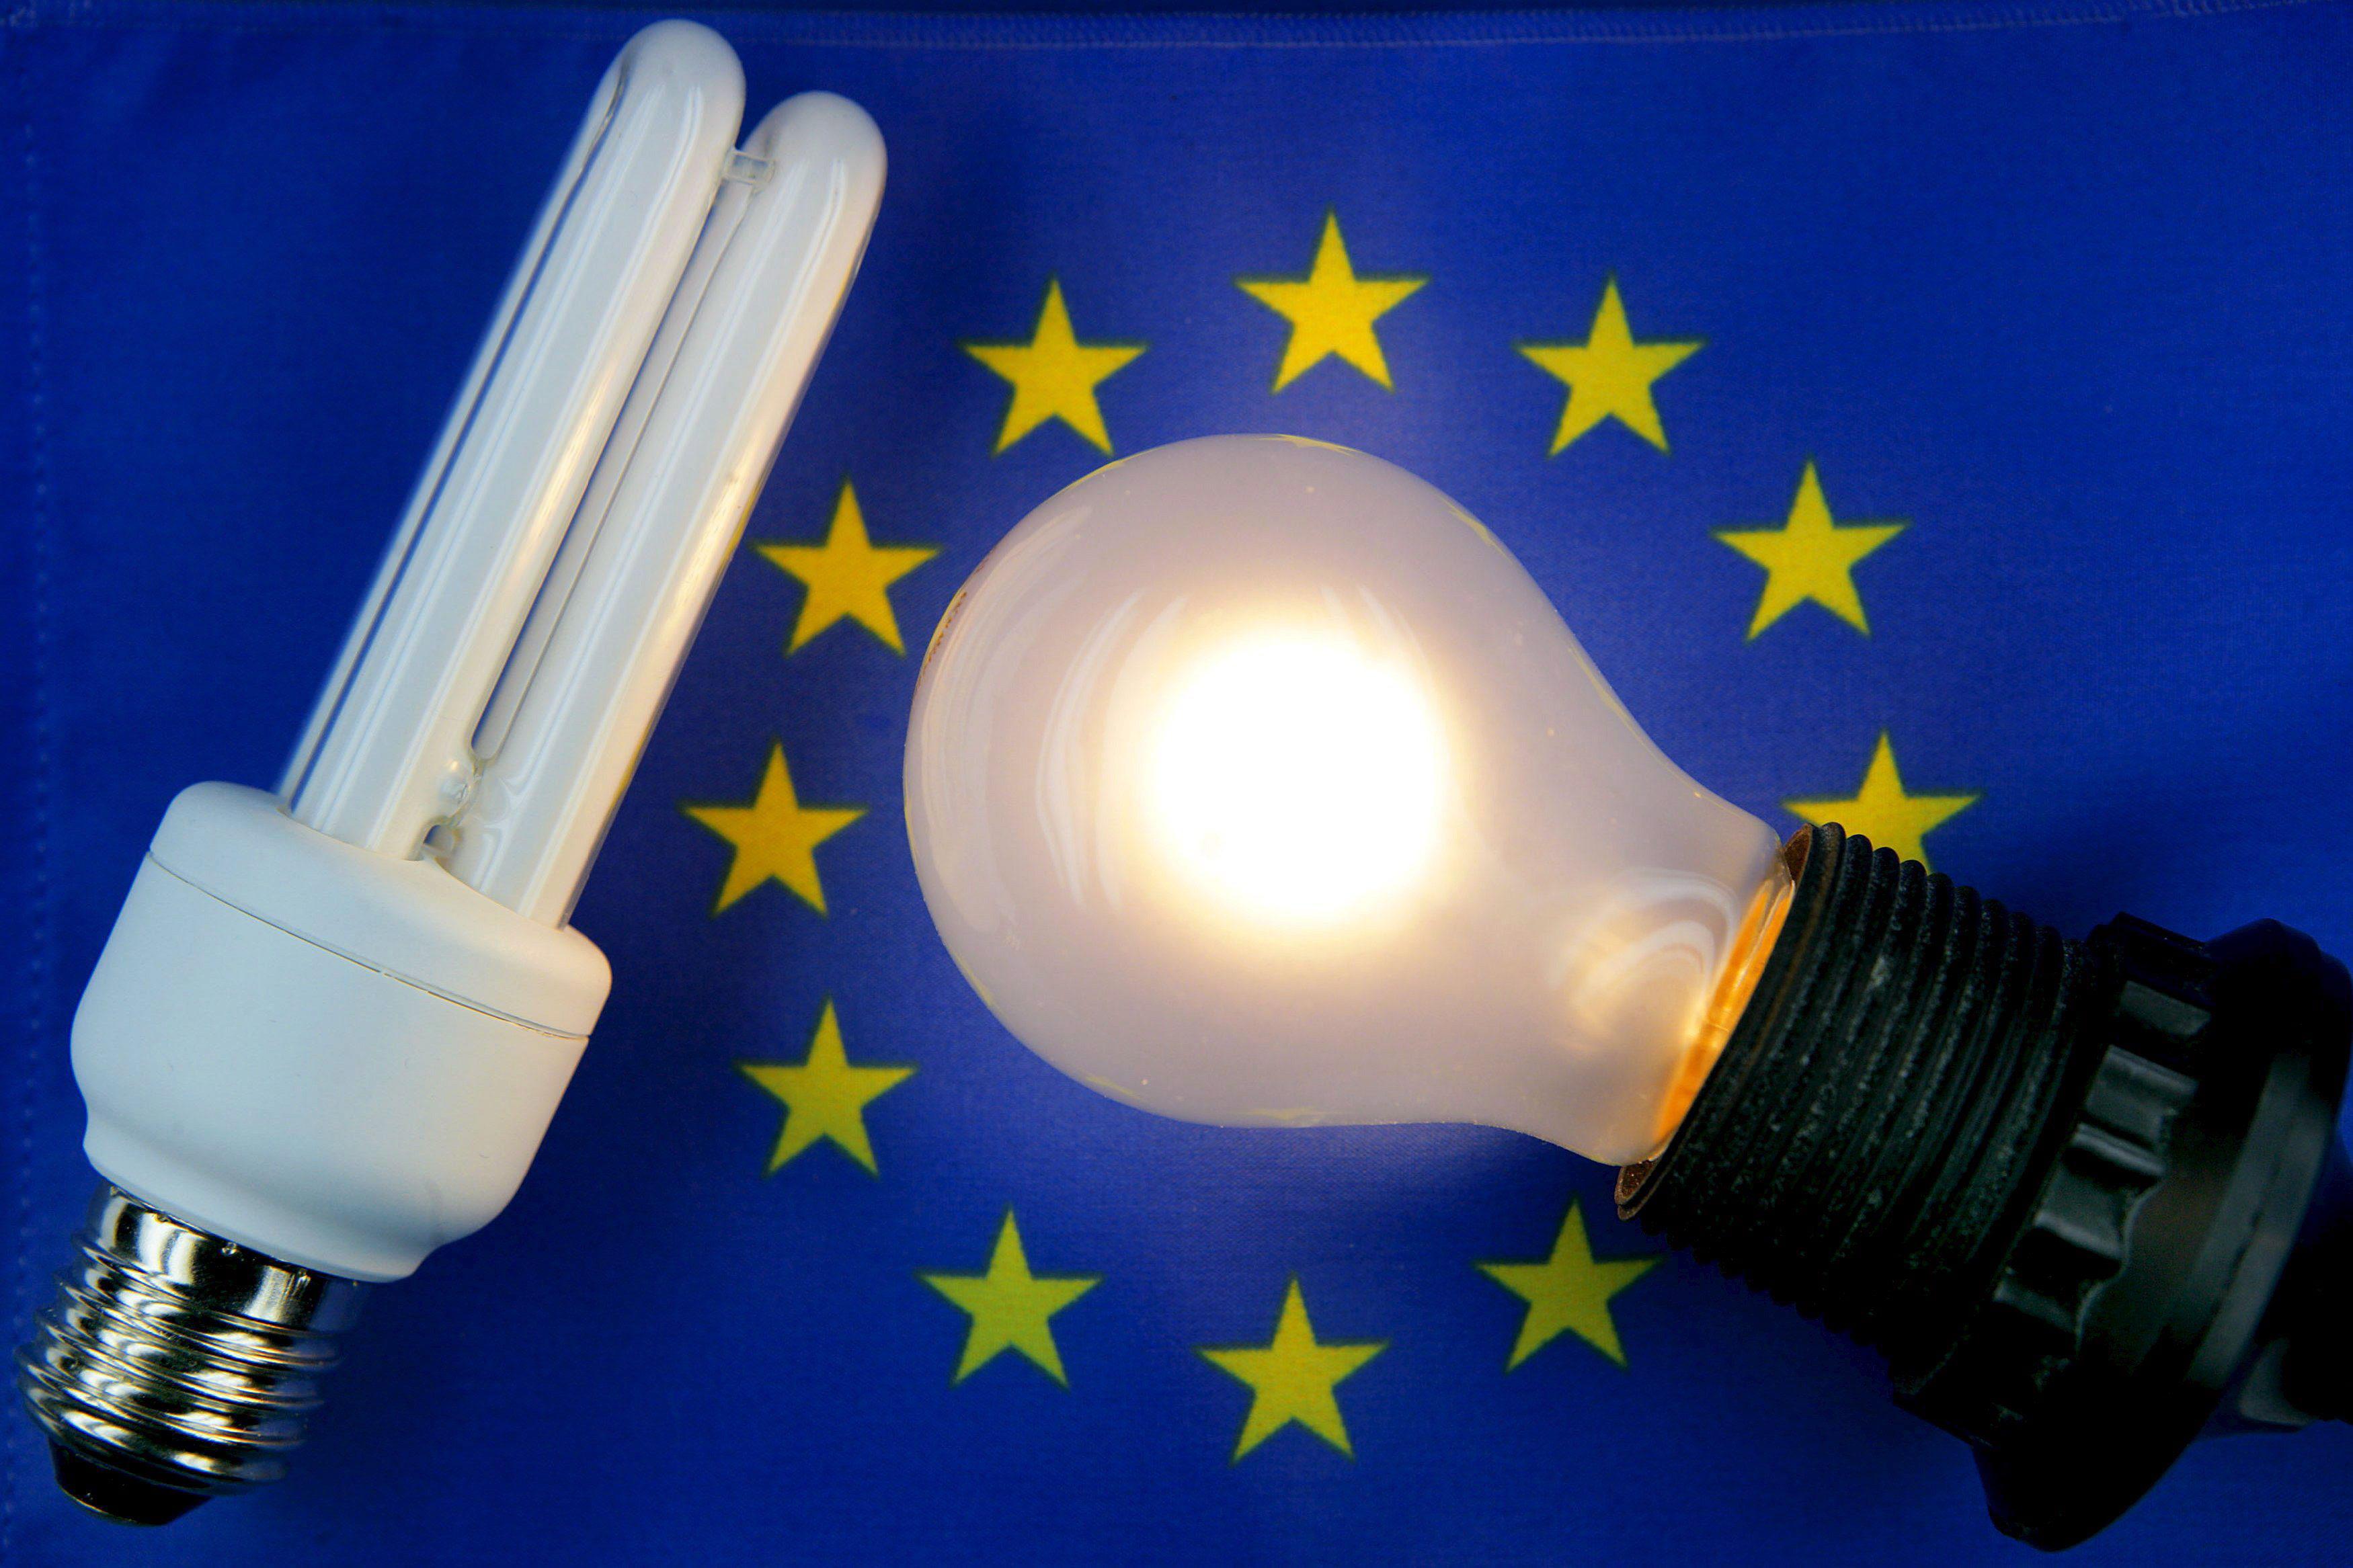 La tarifa eléctrica sube mañana un 1,2 por ciento para la mayoría de los hogares